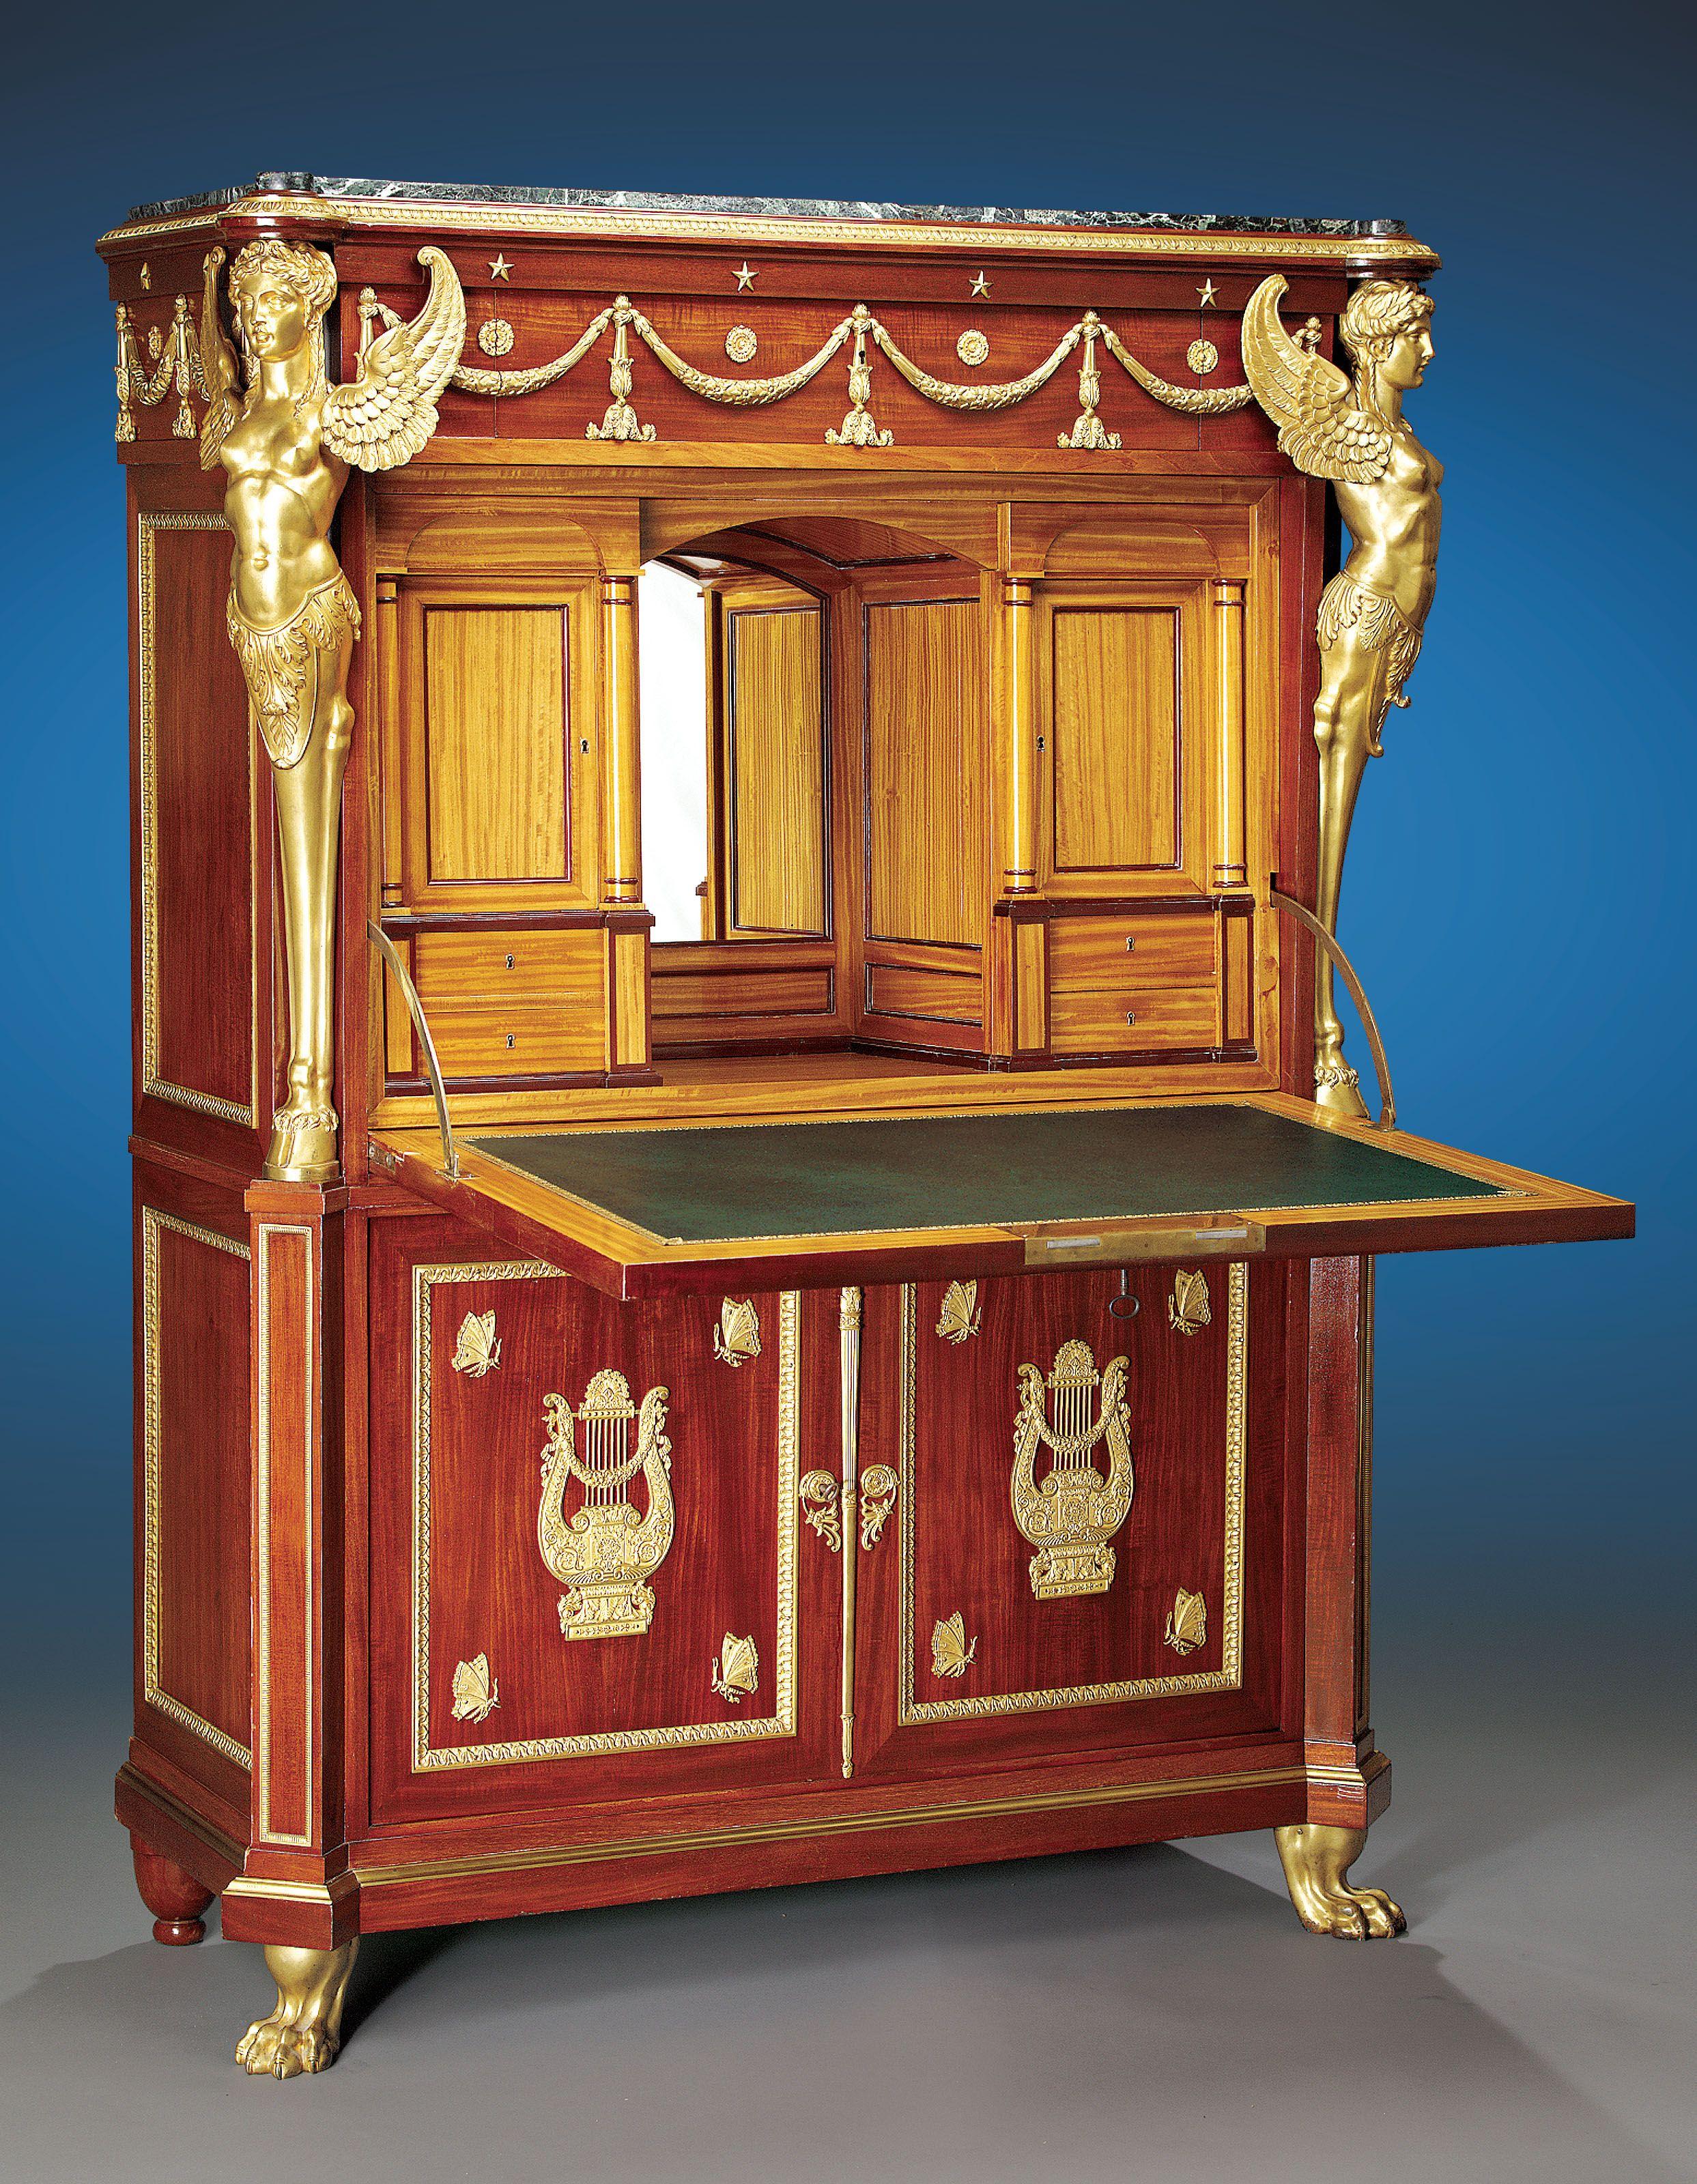 Antique Mahogany Bedroom Furniture Suite: Egyptian King Farouk: M.S. Rau Antique ~ M.S. Rau Antiques